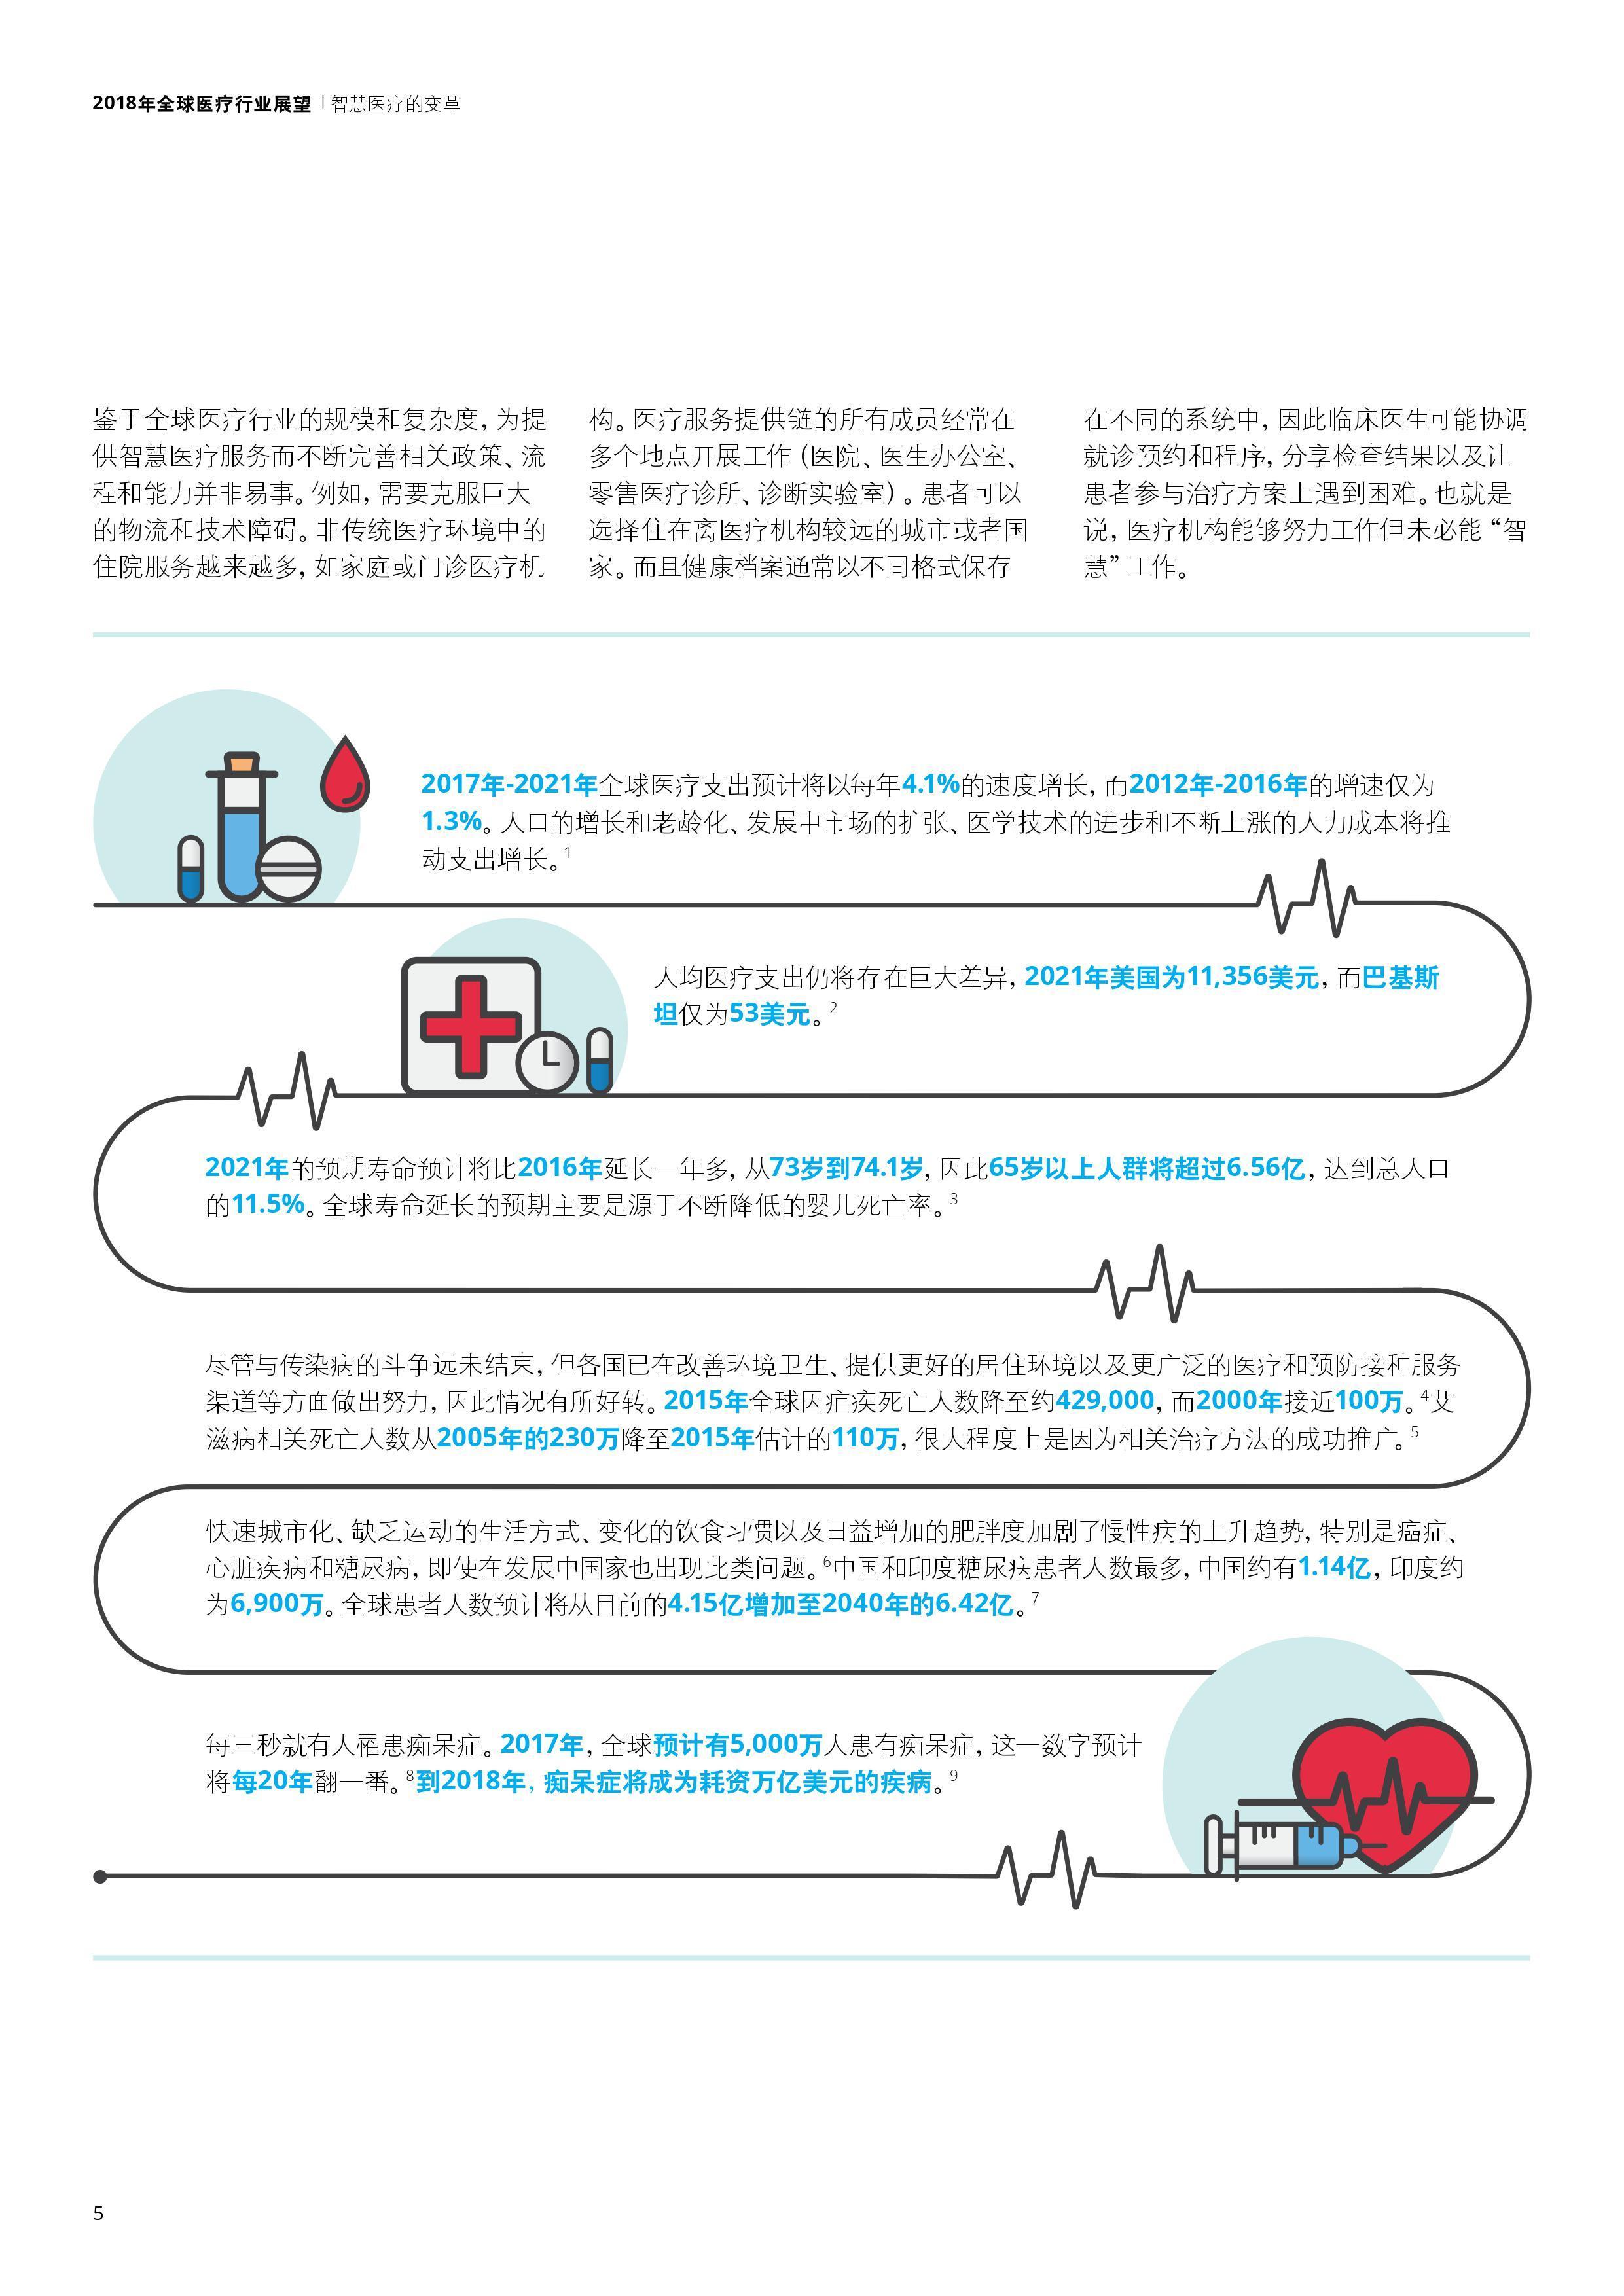 德勤报告:2018年全球医疗行业展望